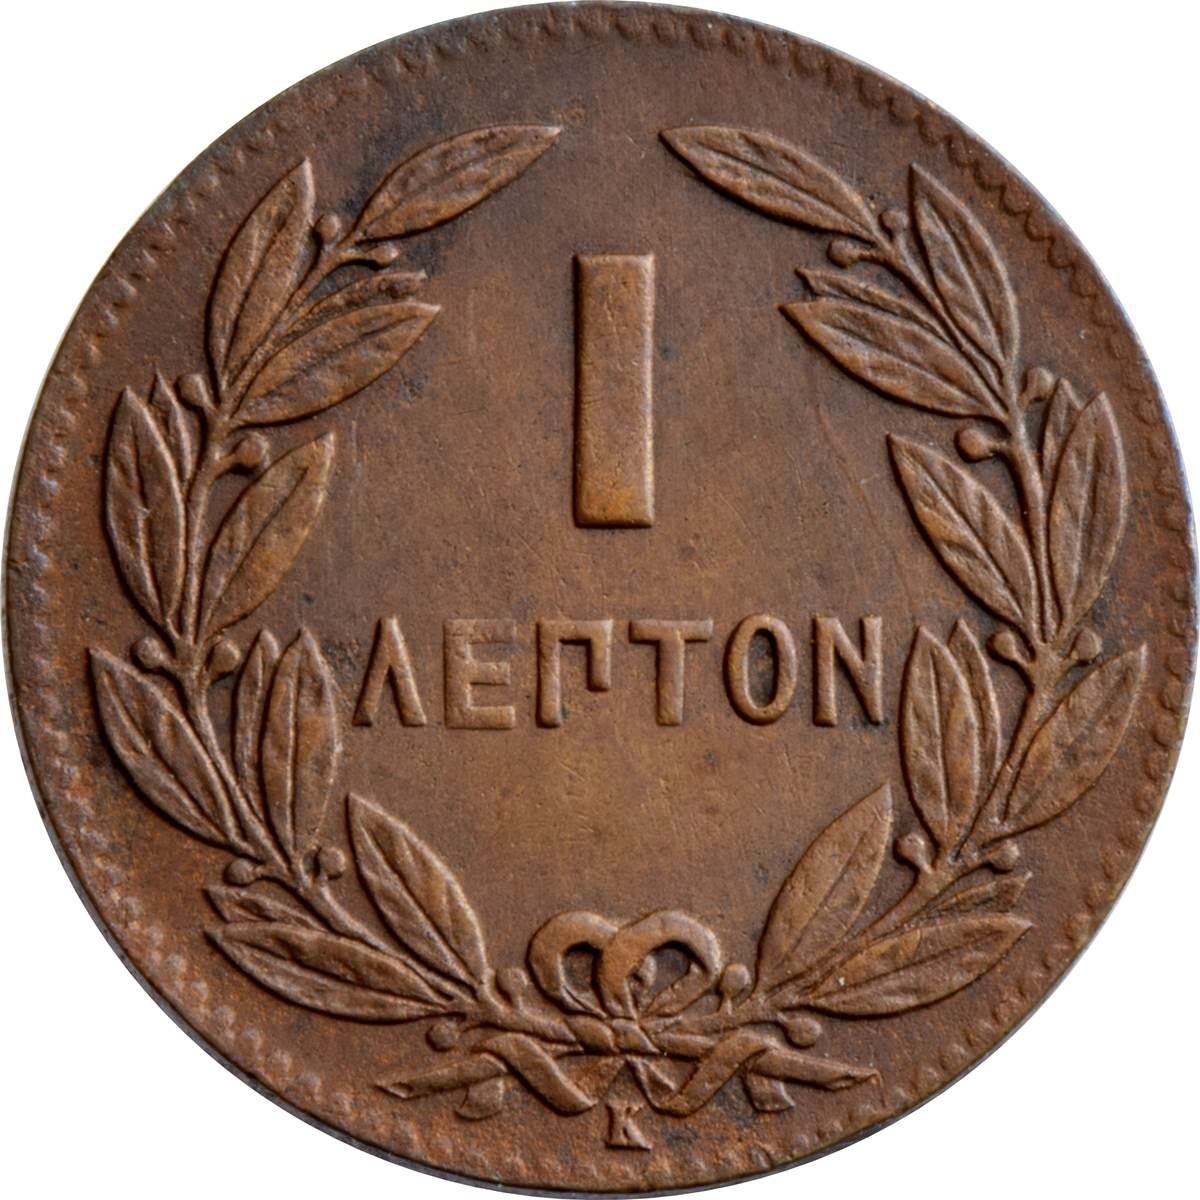 Greece 1 Lepton (1878-1879 George I)